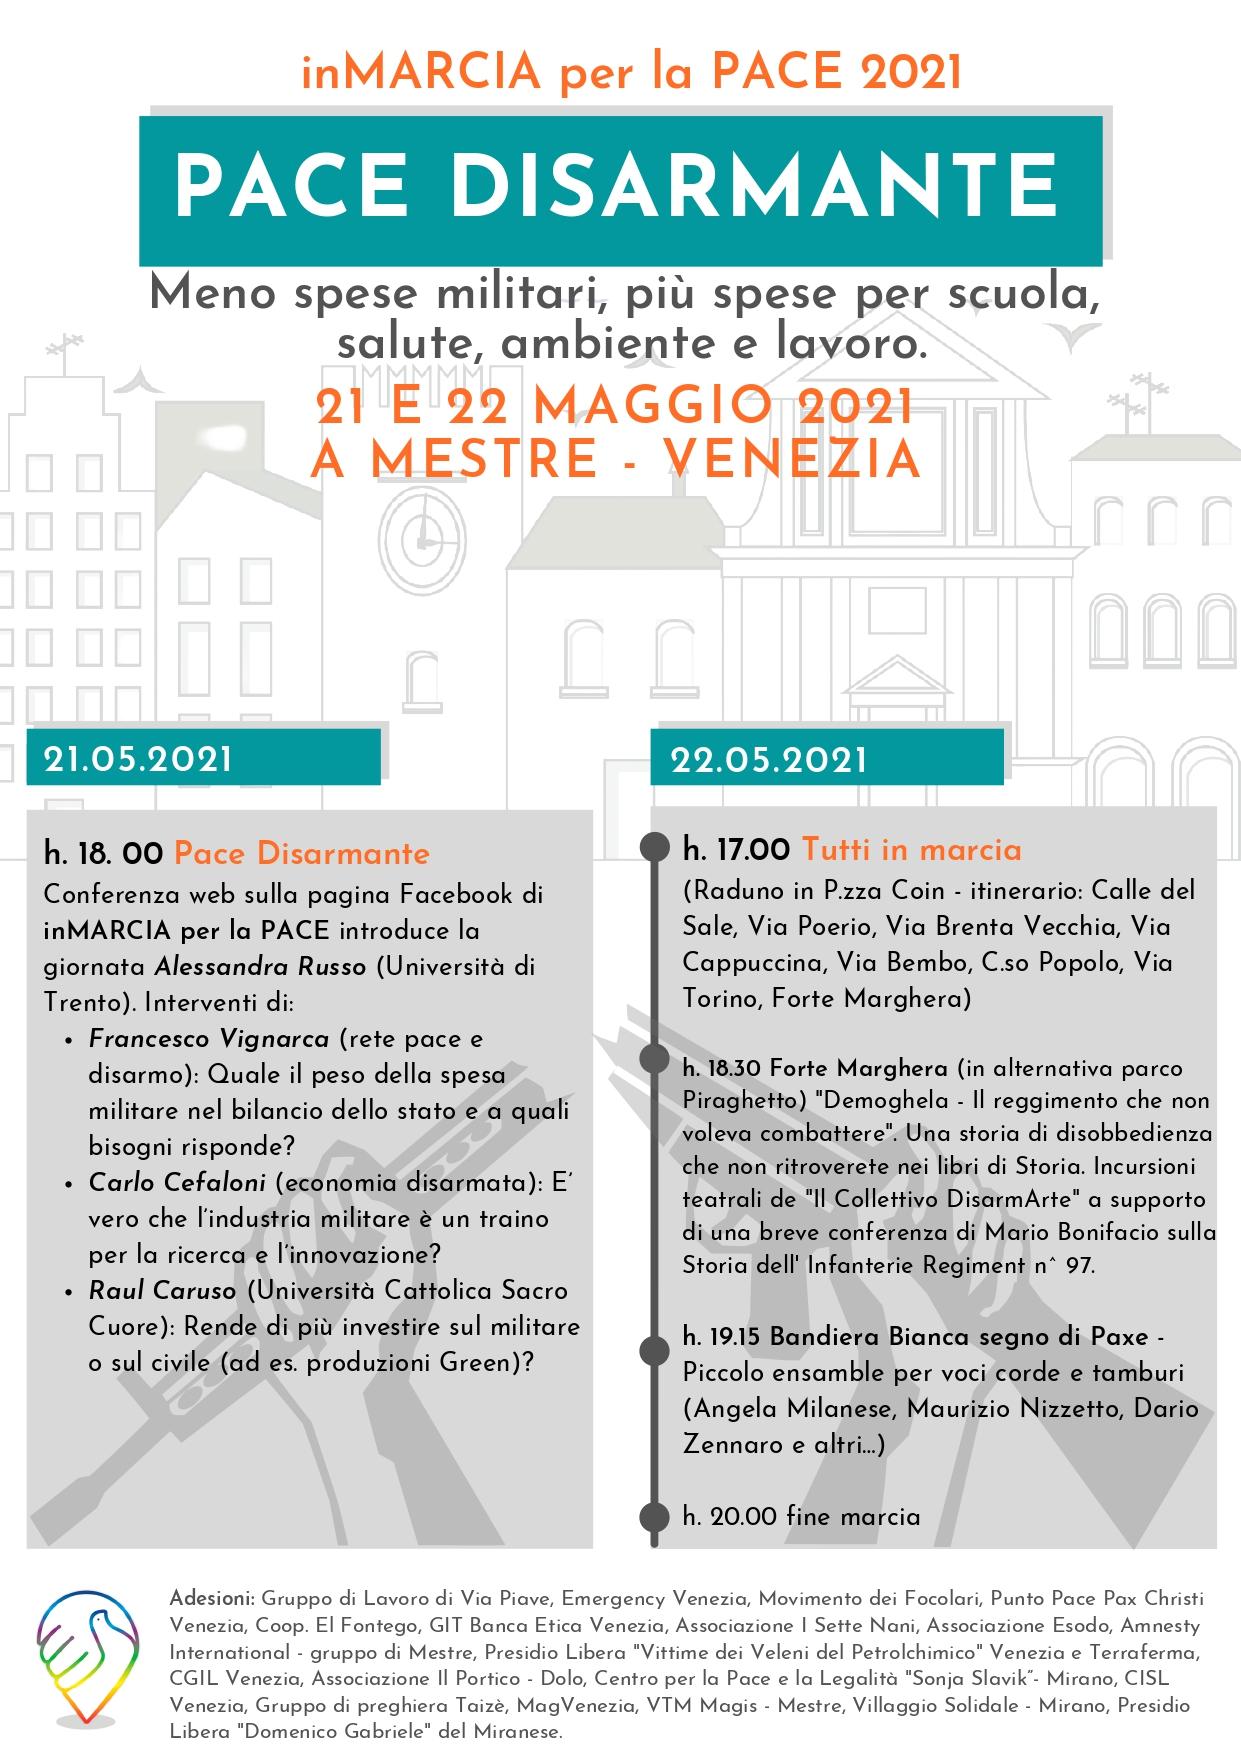 Locandina In Marcia per la Pace 2021, 21 e 22 maggio a Mestre (Venezia).